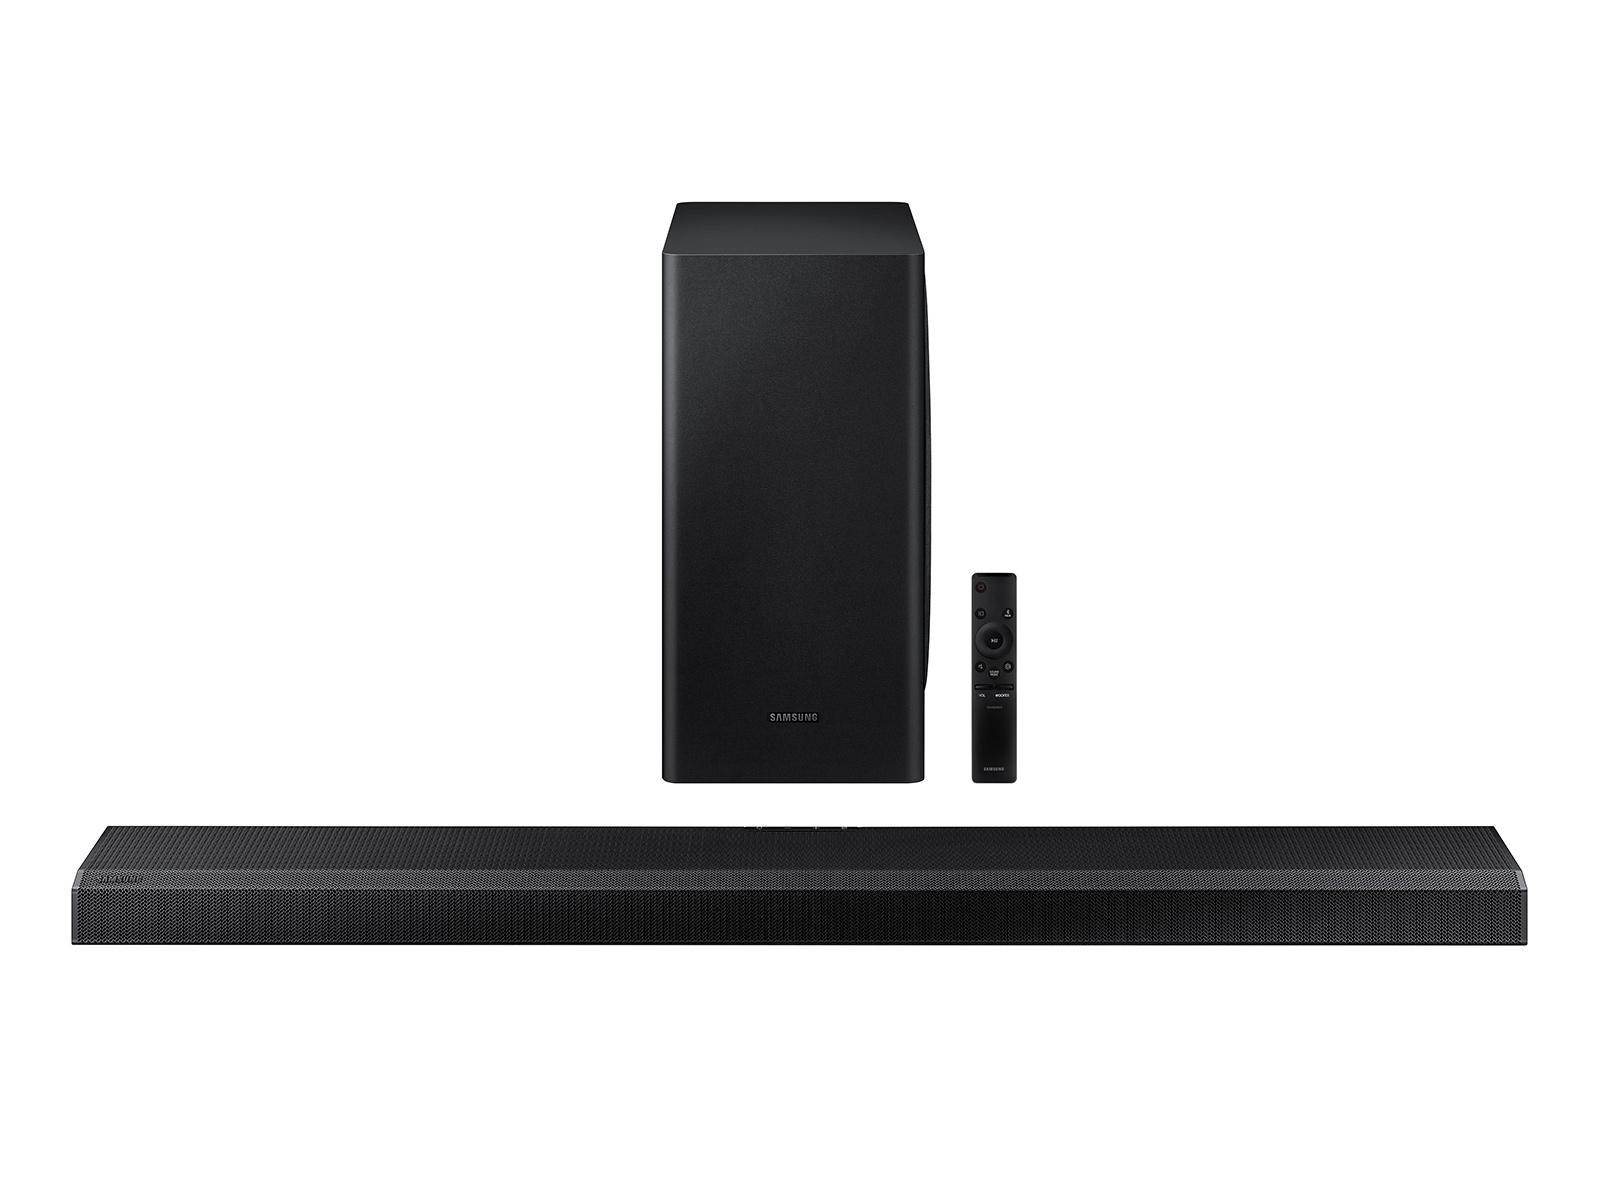 Samsung HW-Q800T soundbar